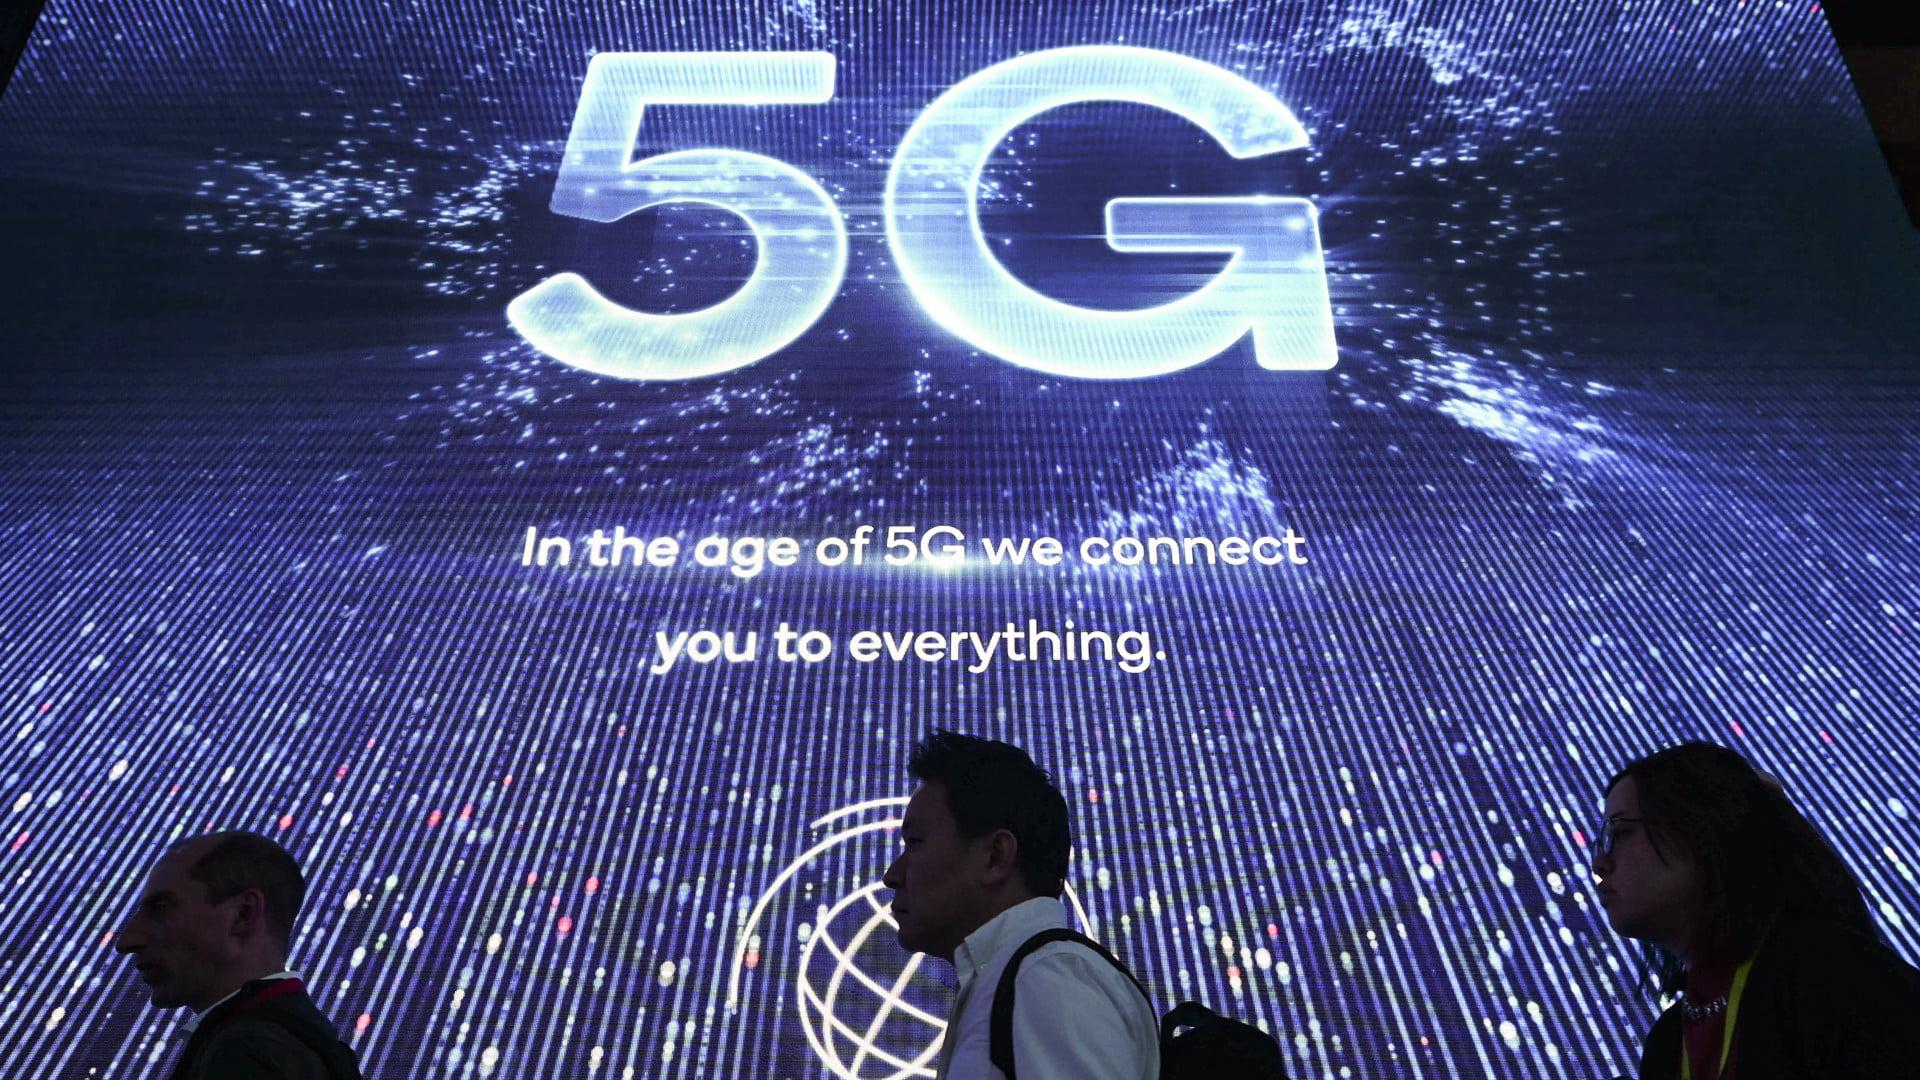 Мобильная связь пятого поколения (5G)